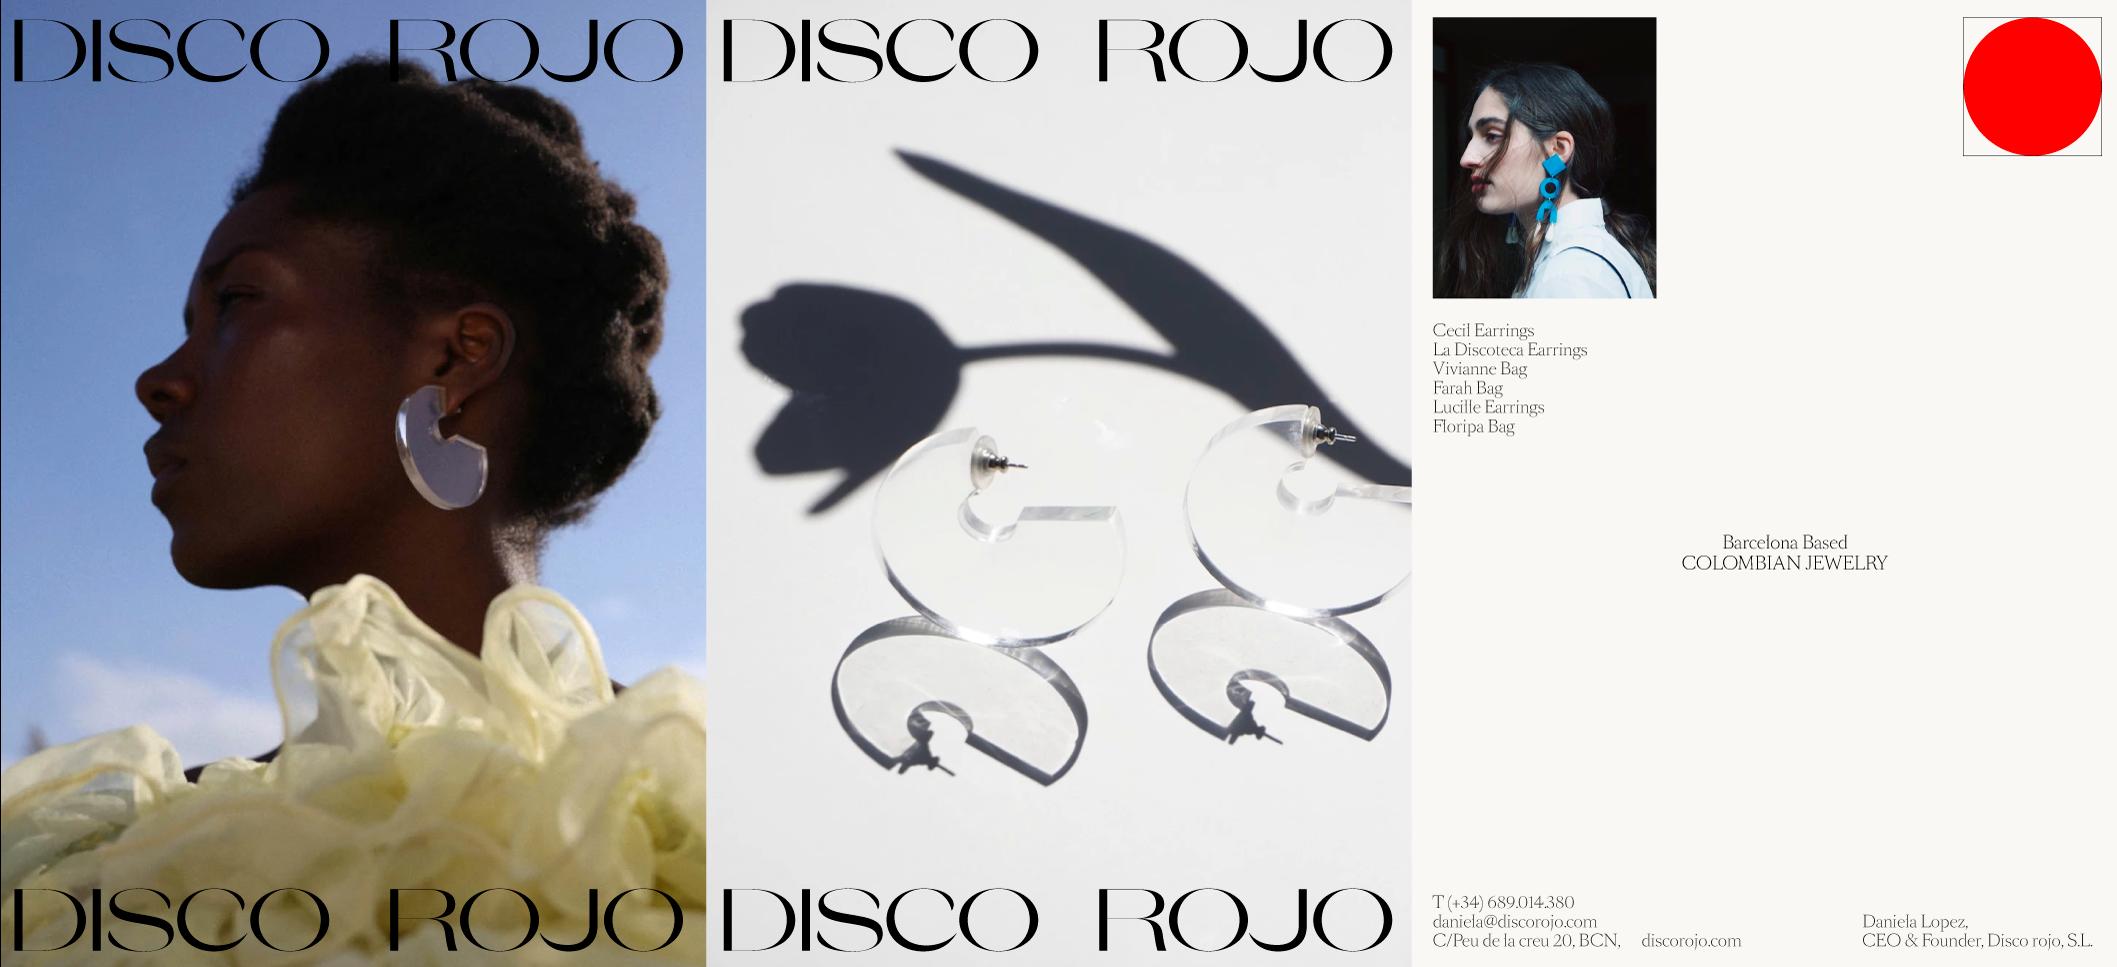 portafolio_disco_rojo